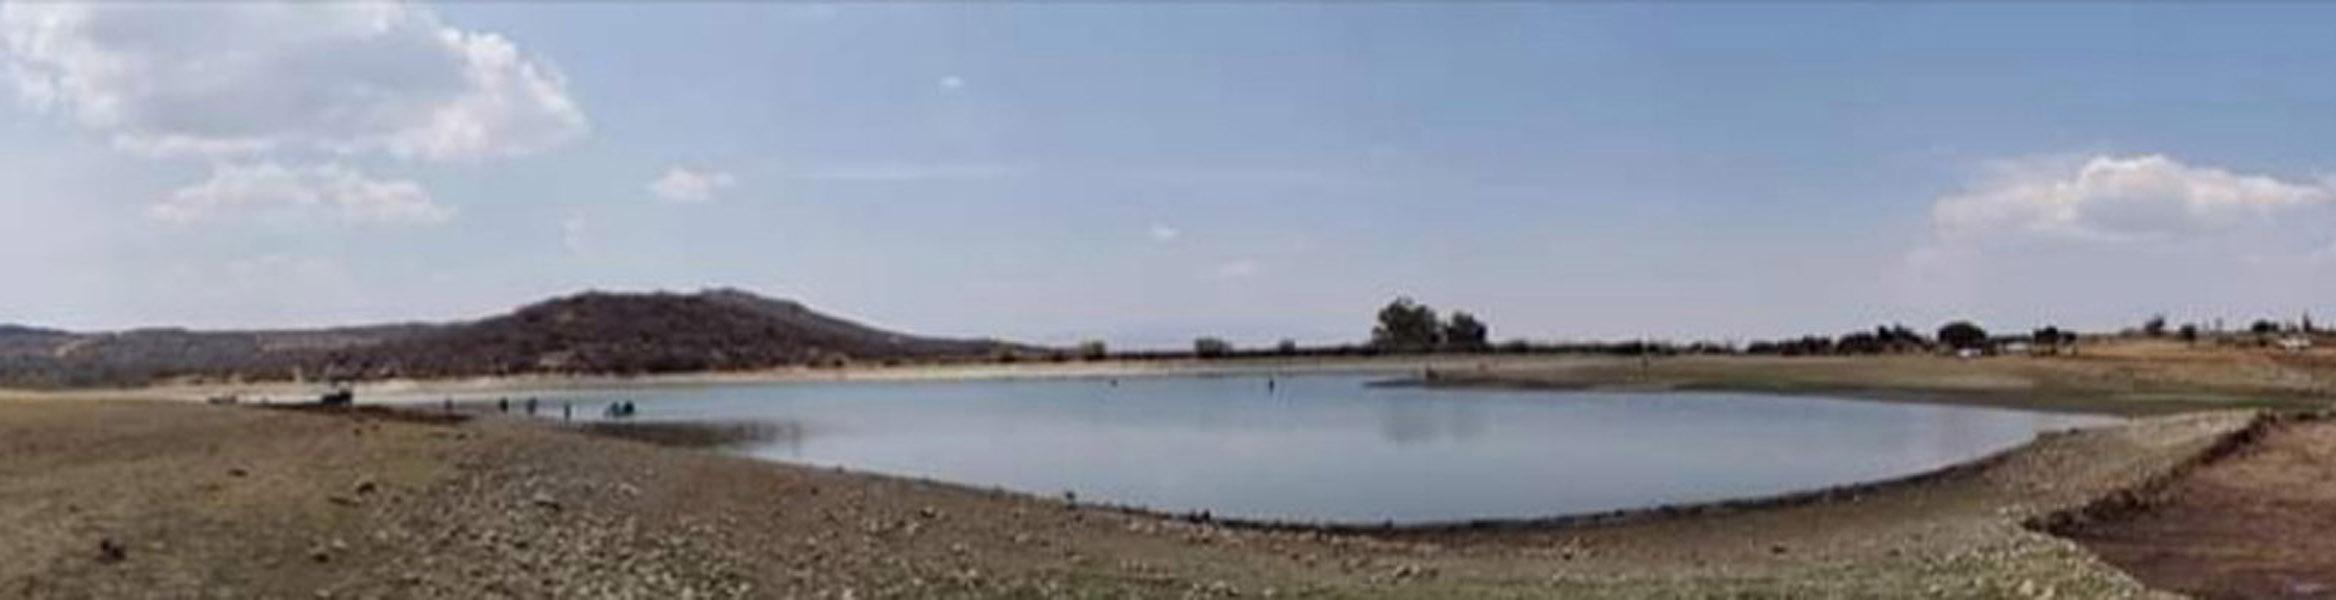 Descartan contaminación en presa de San José del Progreso | El Imparcial de Oaxaca